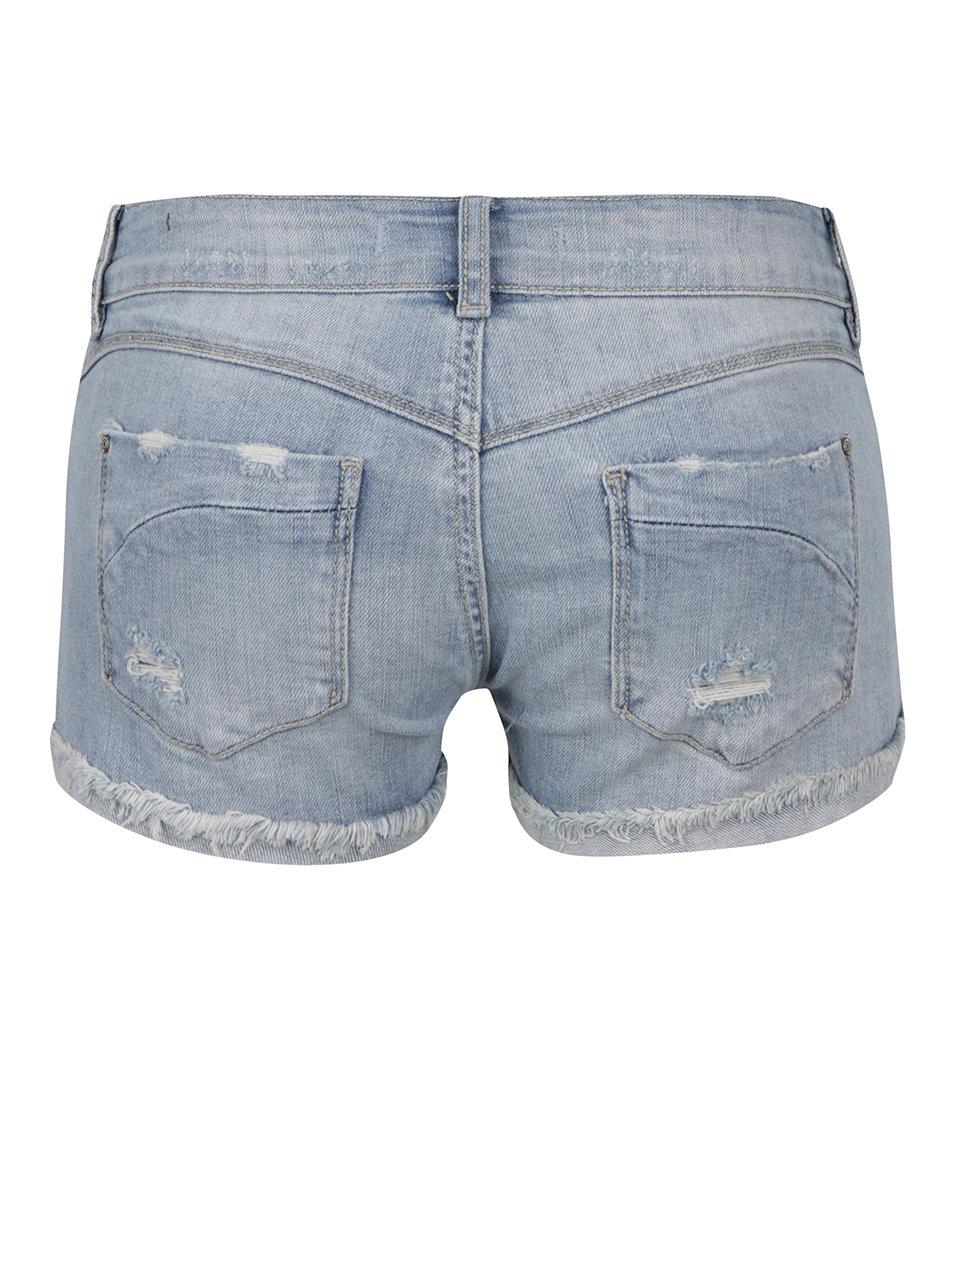 Modré džínové kraťasy s nízkým pasem a potrhaným efektem TALLY WEiJL ... 26bb42209d